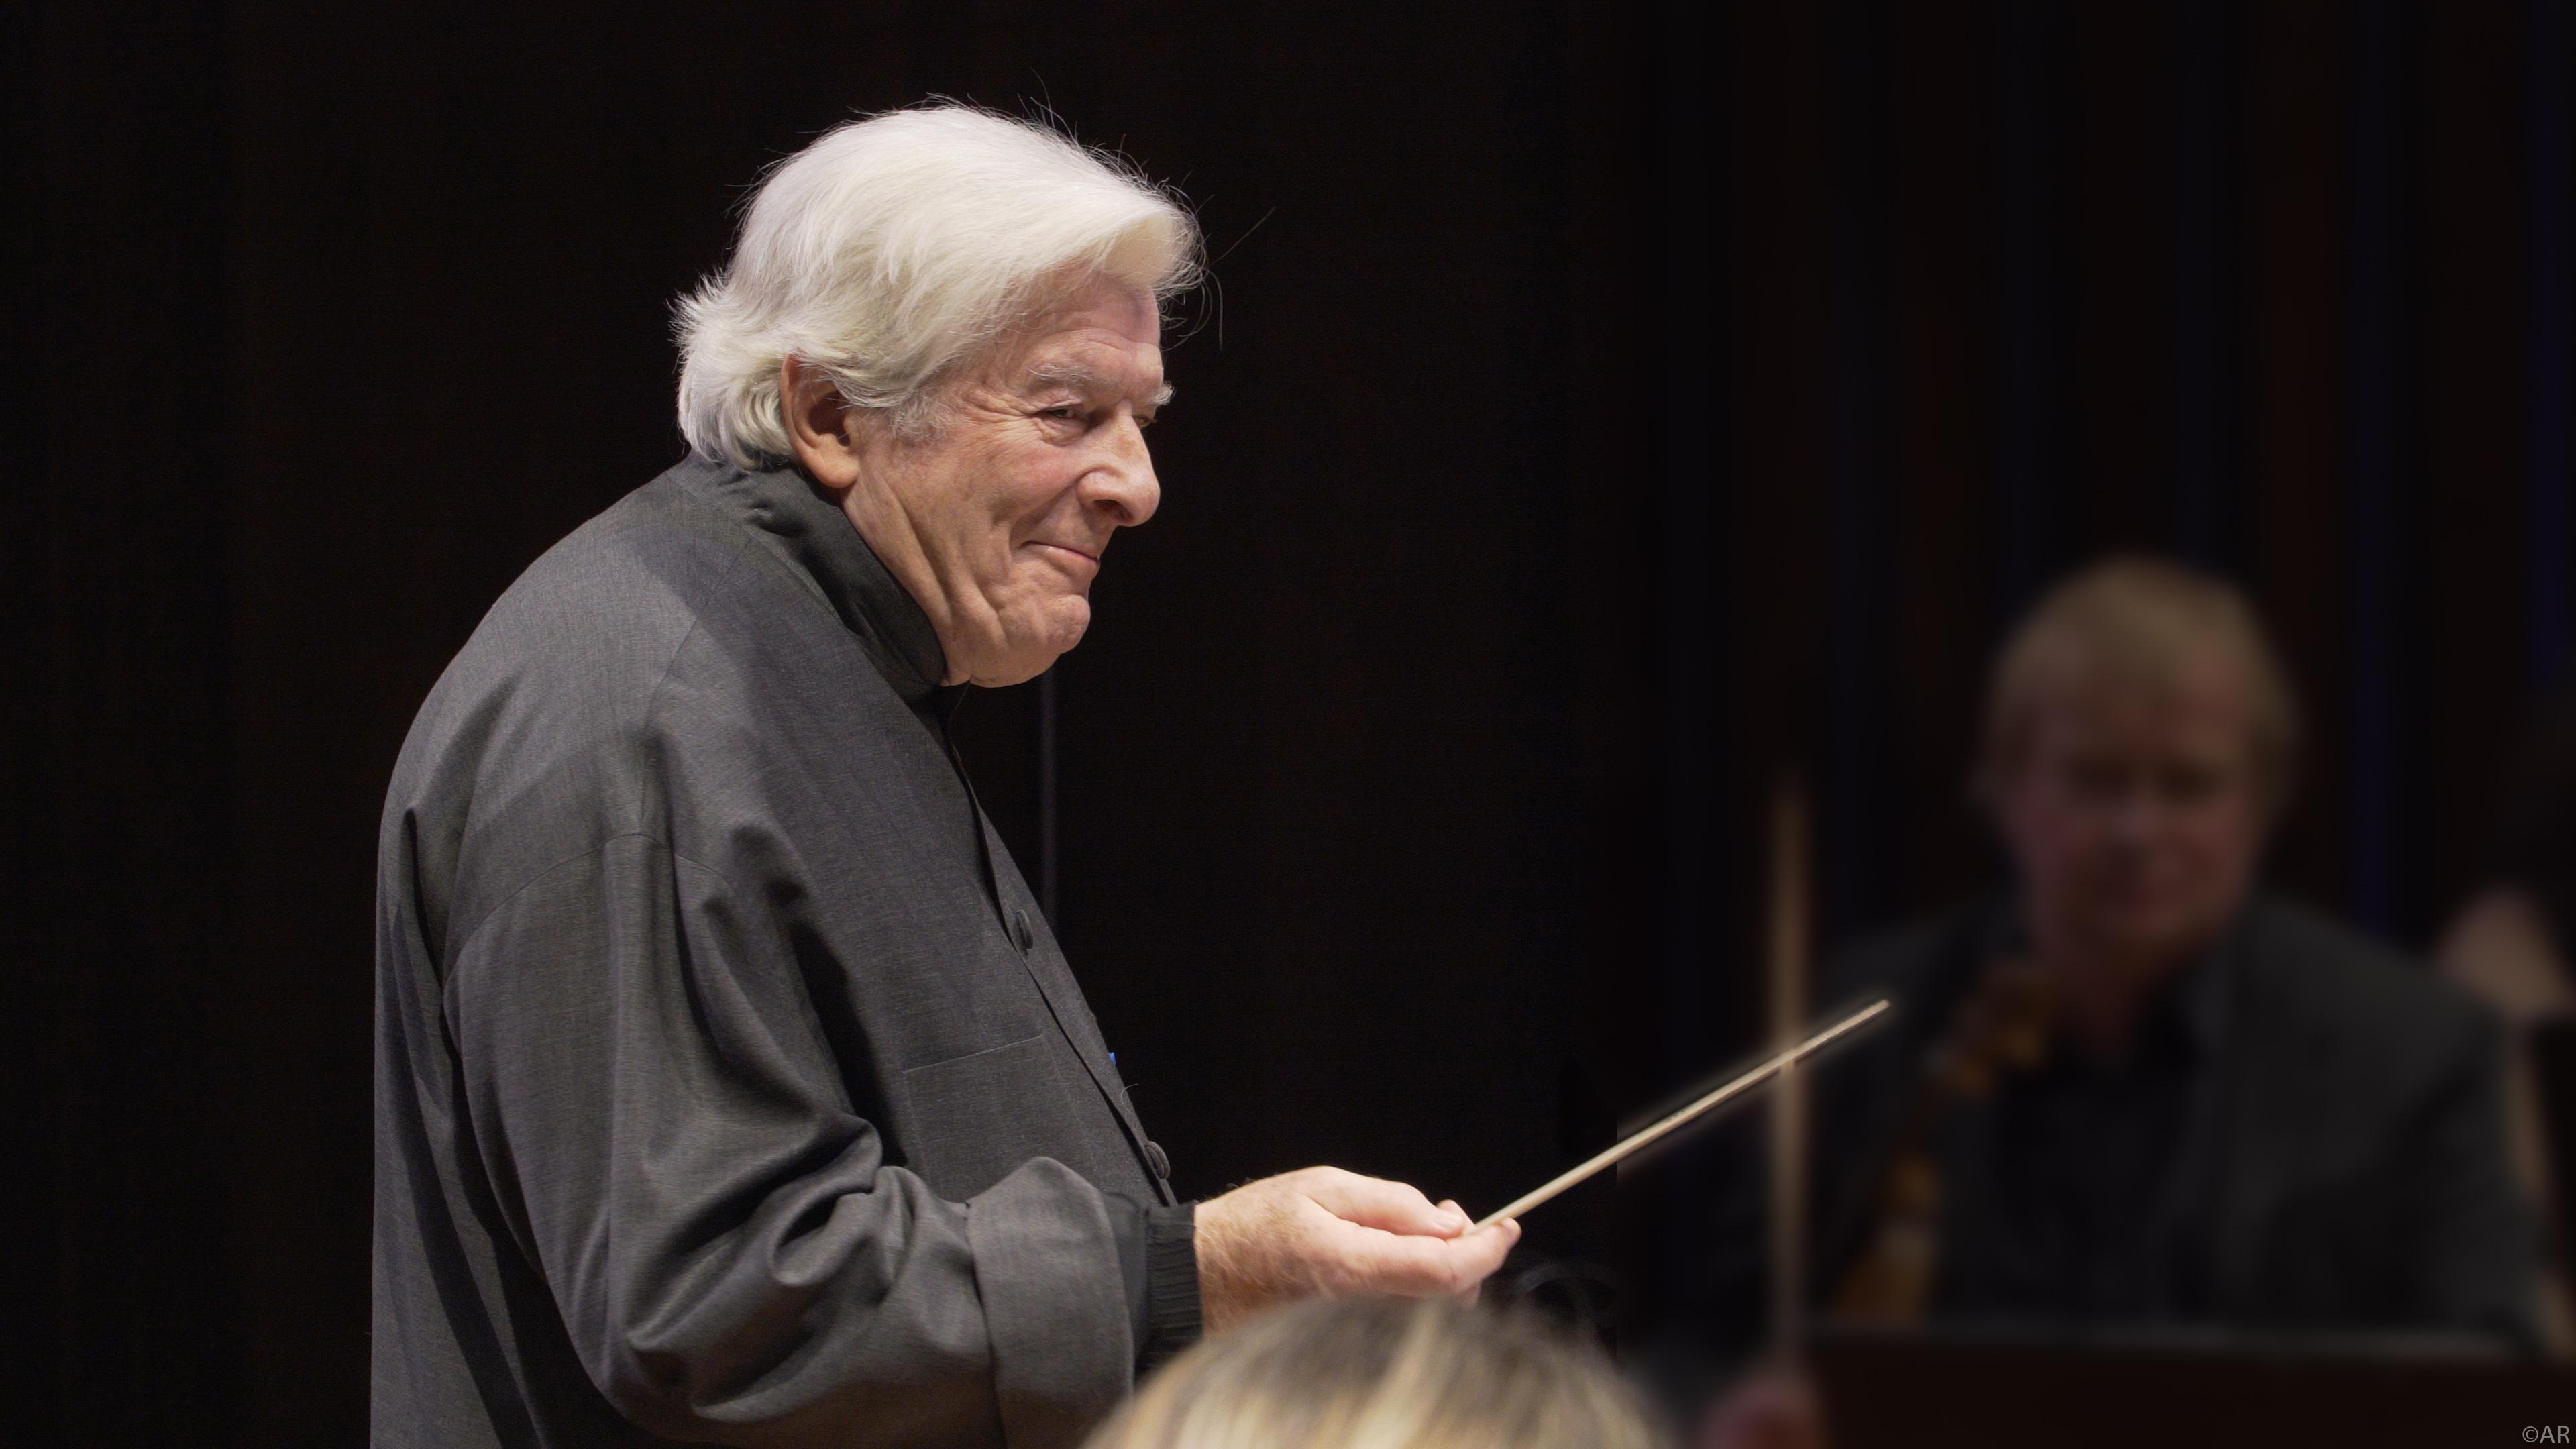 Jean-Pierre Wallez